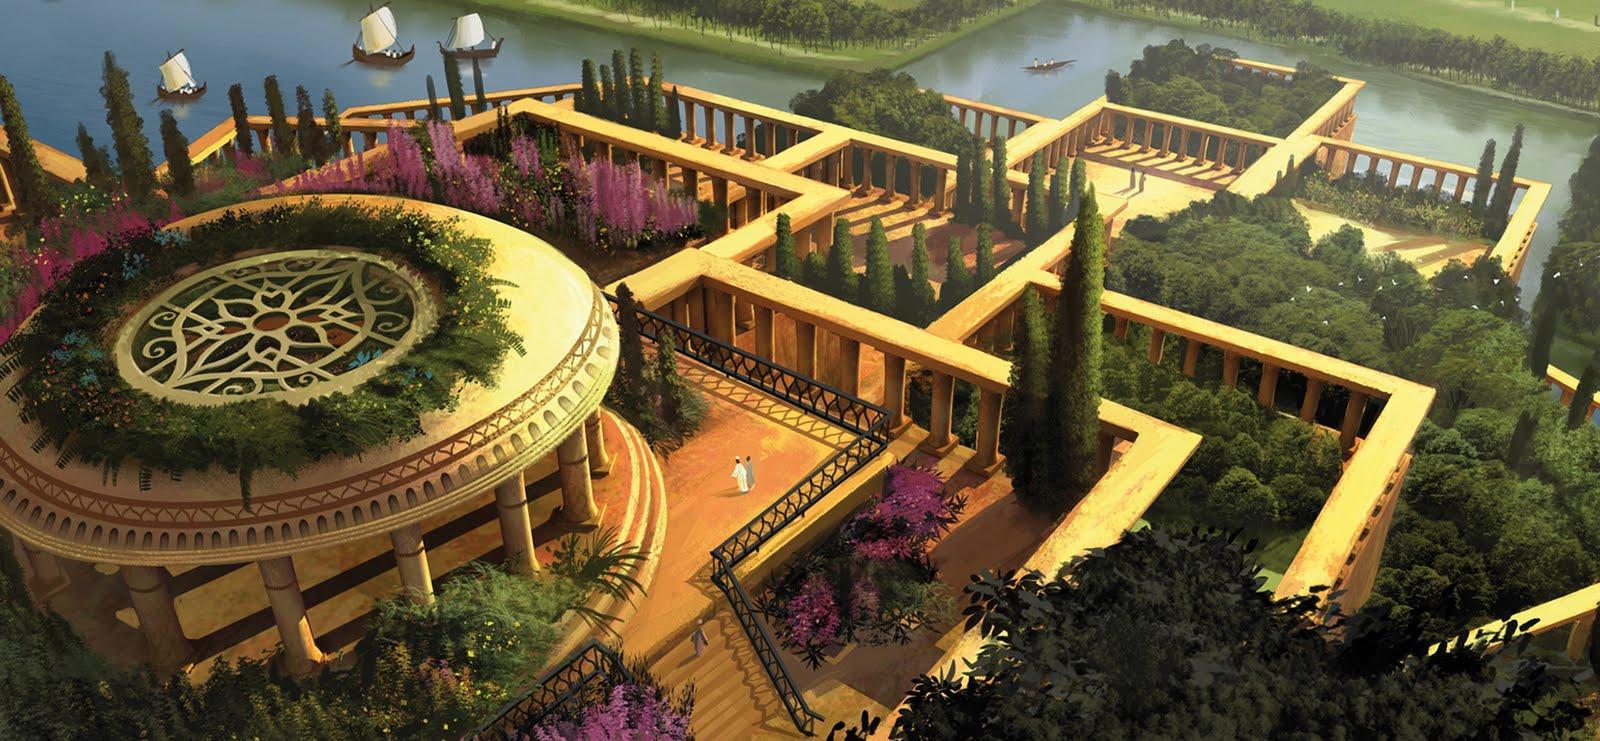 Los jardines colgantes de babilonia paperblog for Jardines colgantes babilonia